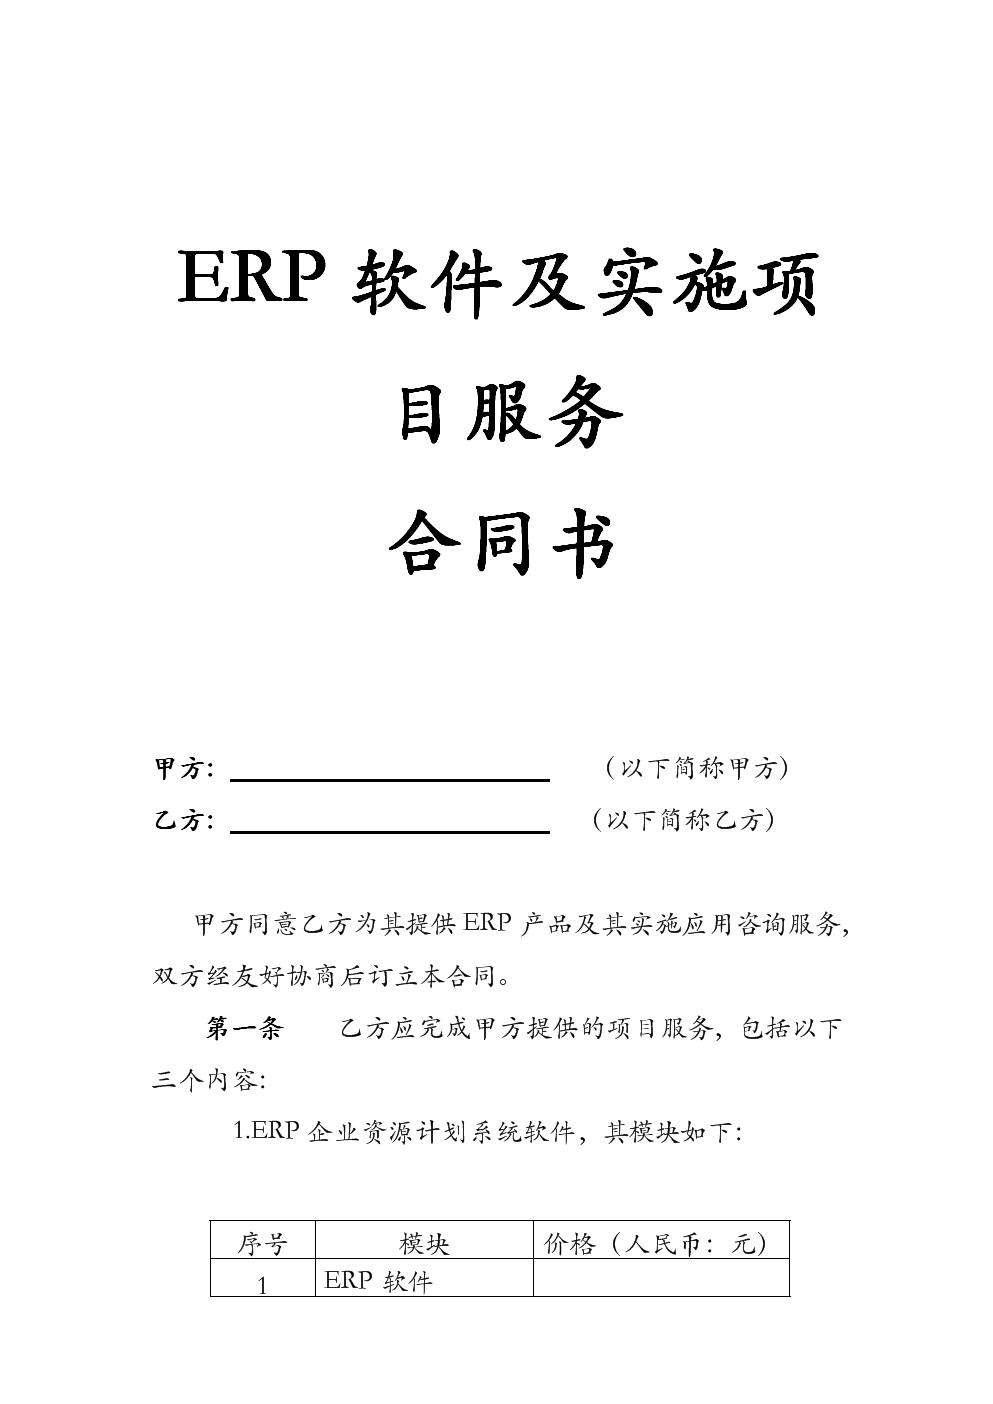 ERP软件及实施项目的服务合同样本.doc